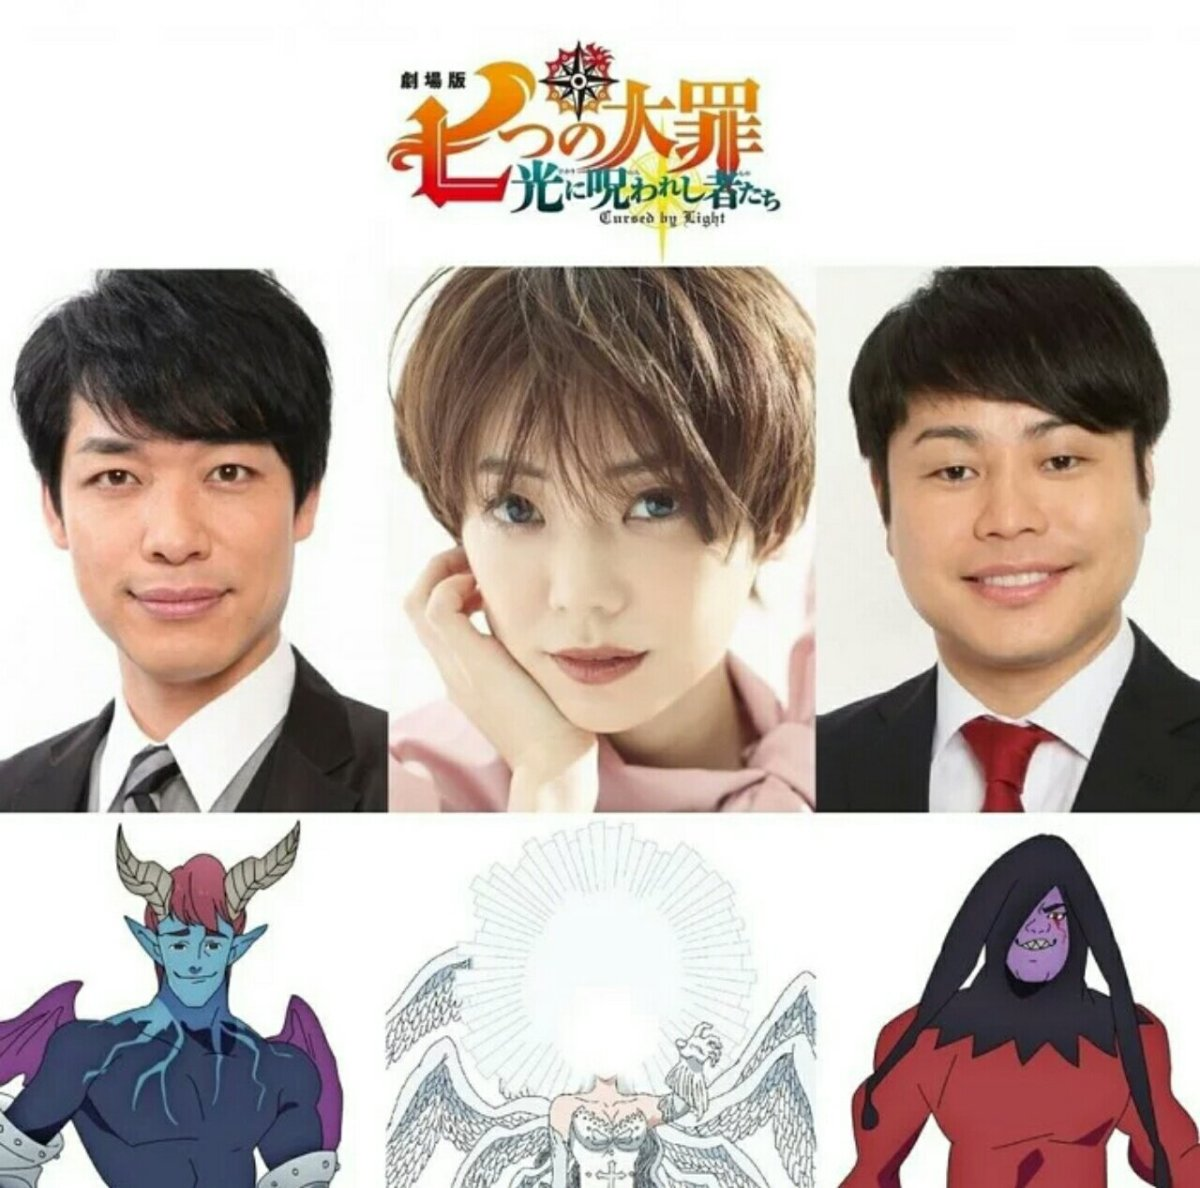 Trailer Lengkap Film Anime The Seven Deadly Sins: Cursed By Light Mengungkapkan Seiyuu Lainnya dan Lagu Tema 3